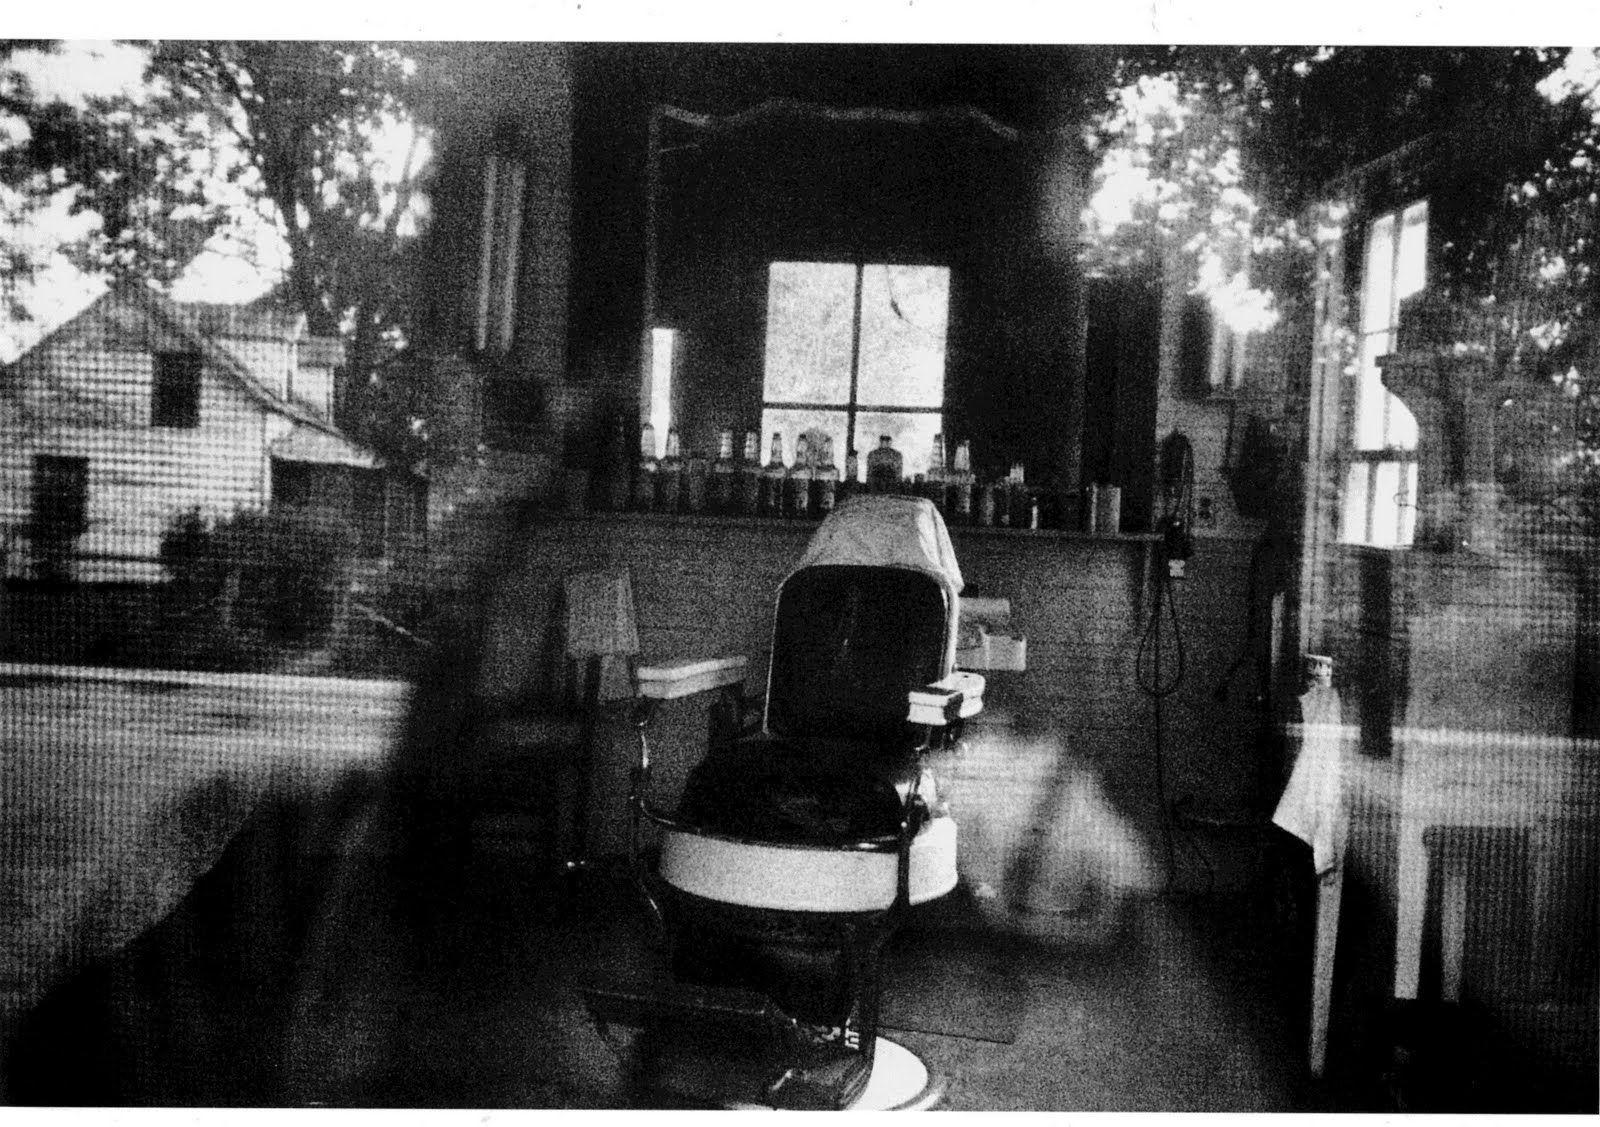 Disonancias: Robert Frank importante figura estadounidense de la fotografía y el cine